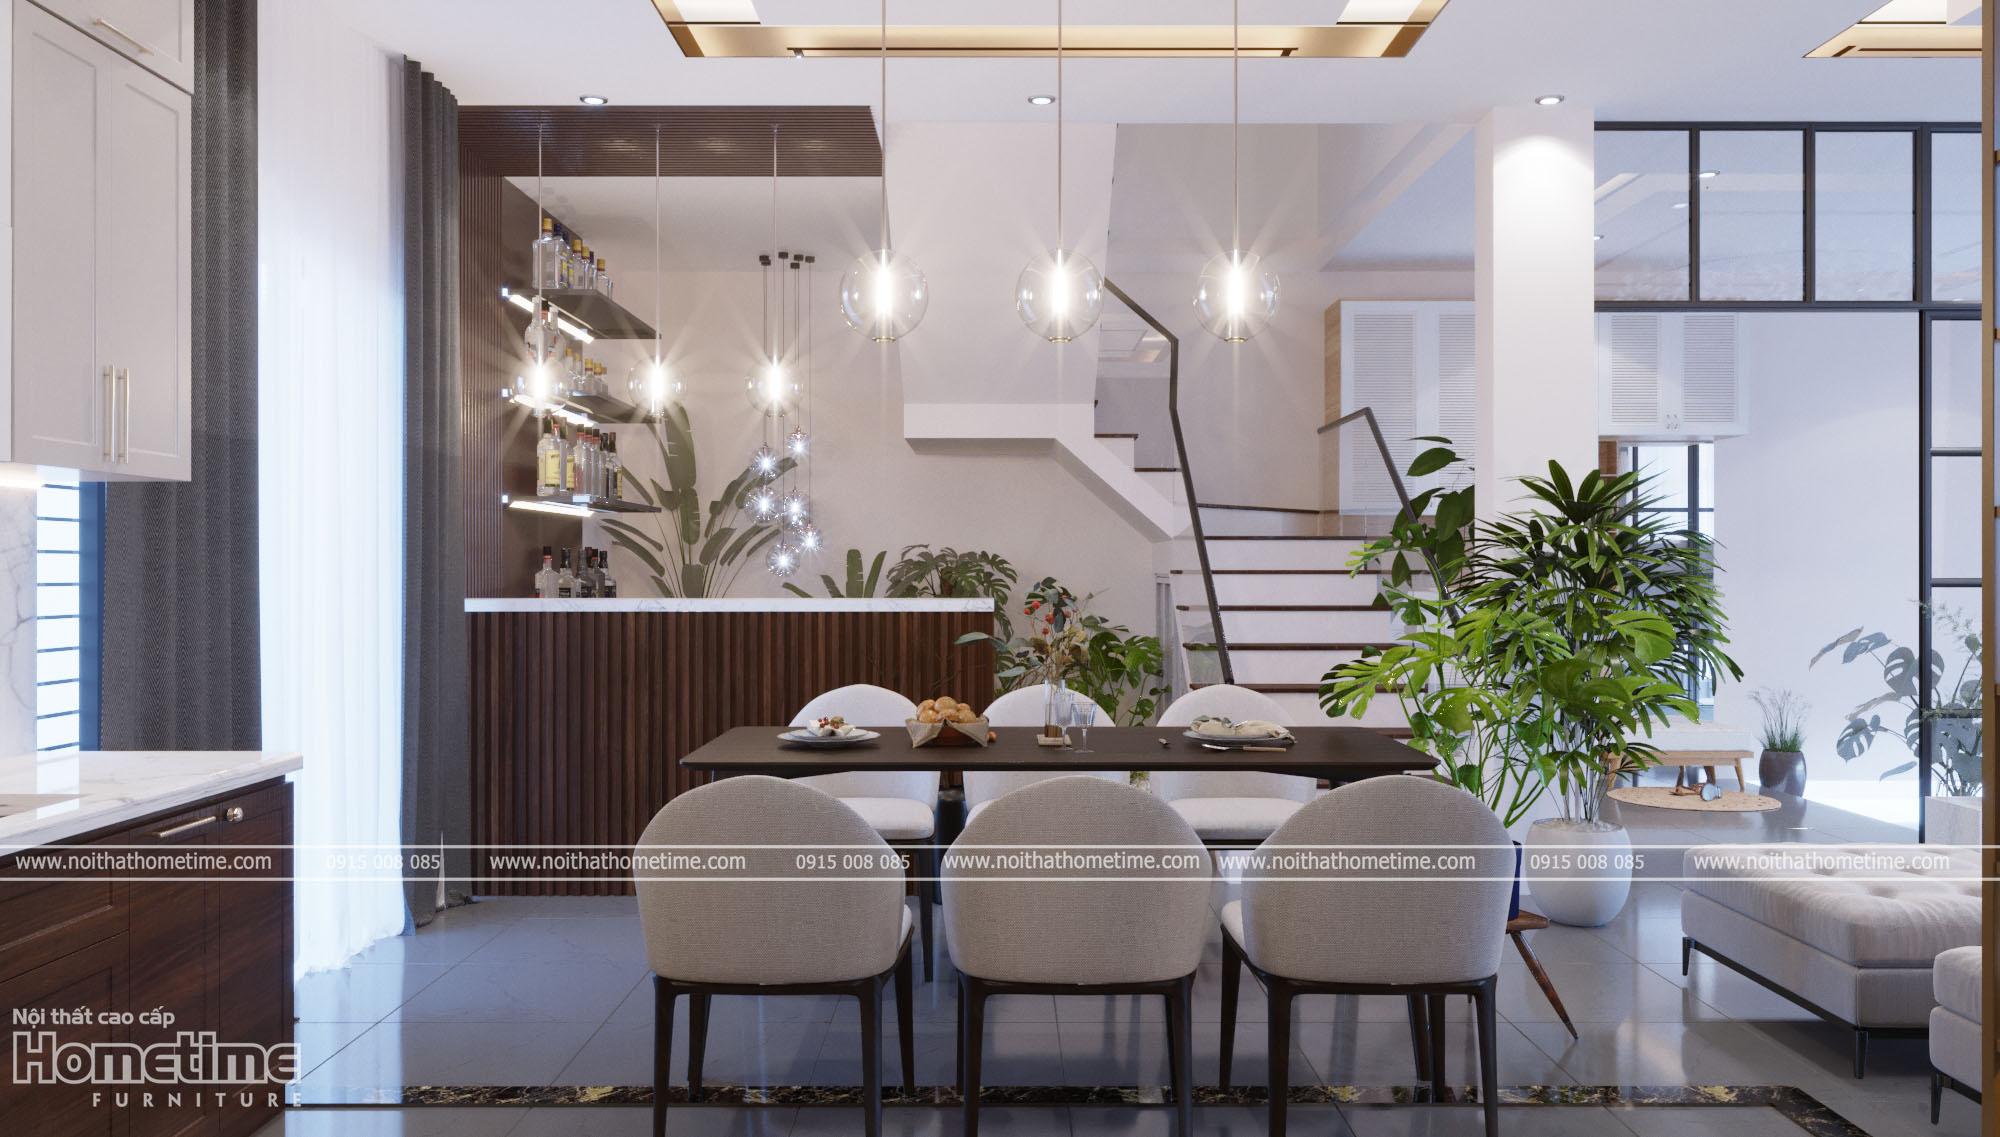 Thiết kế nội thất phòng bếp - Decor trang trí đẹp